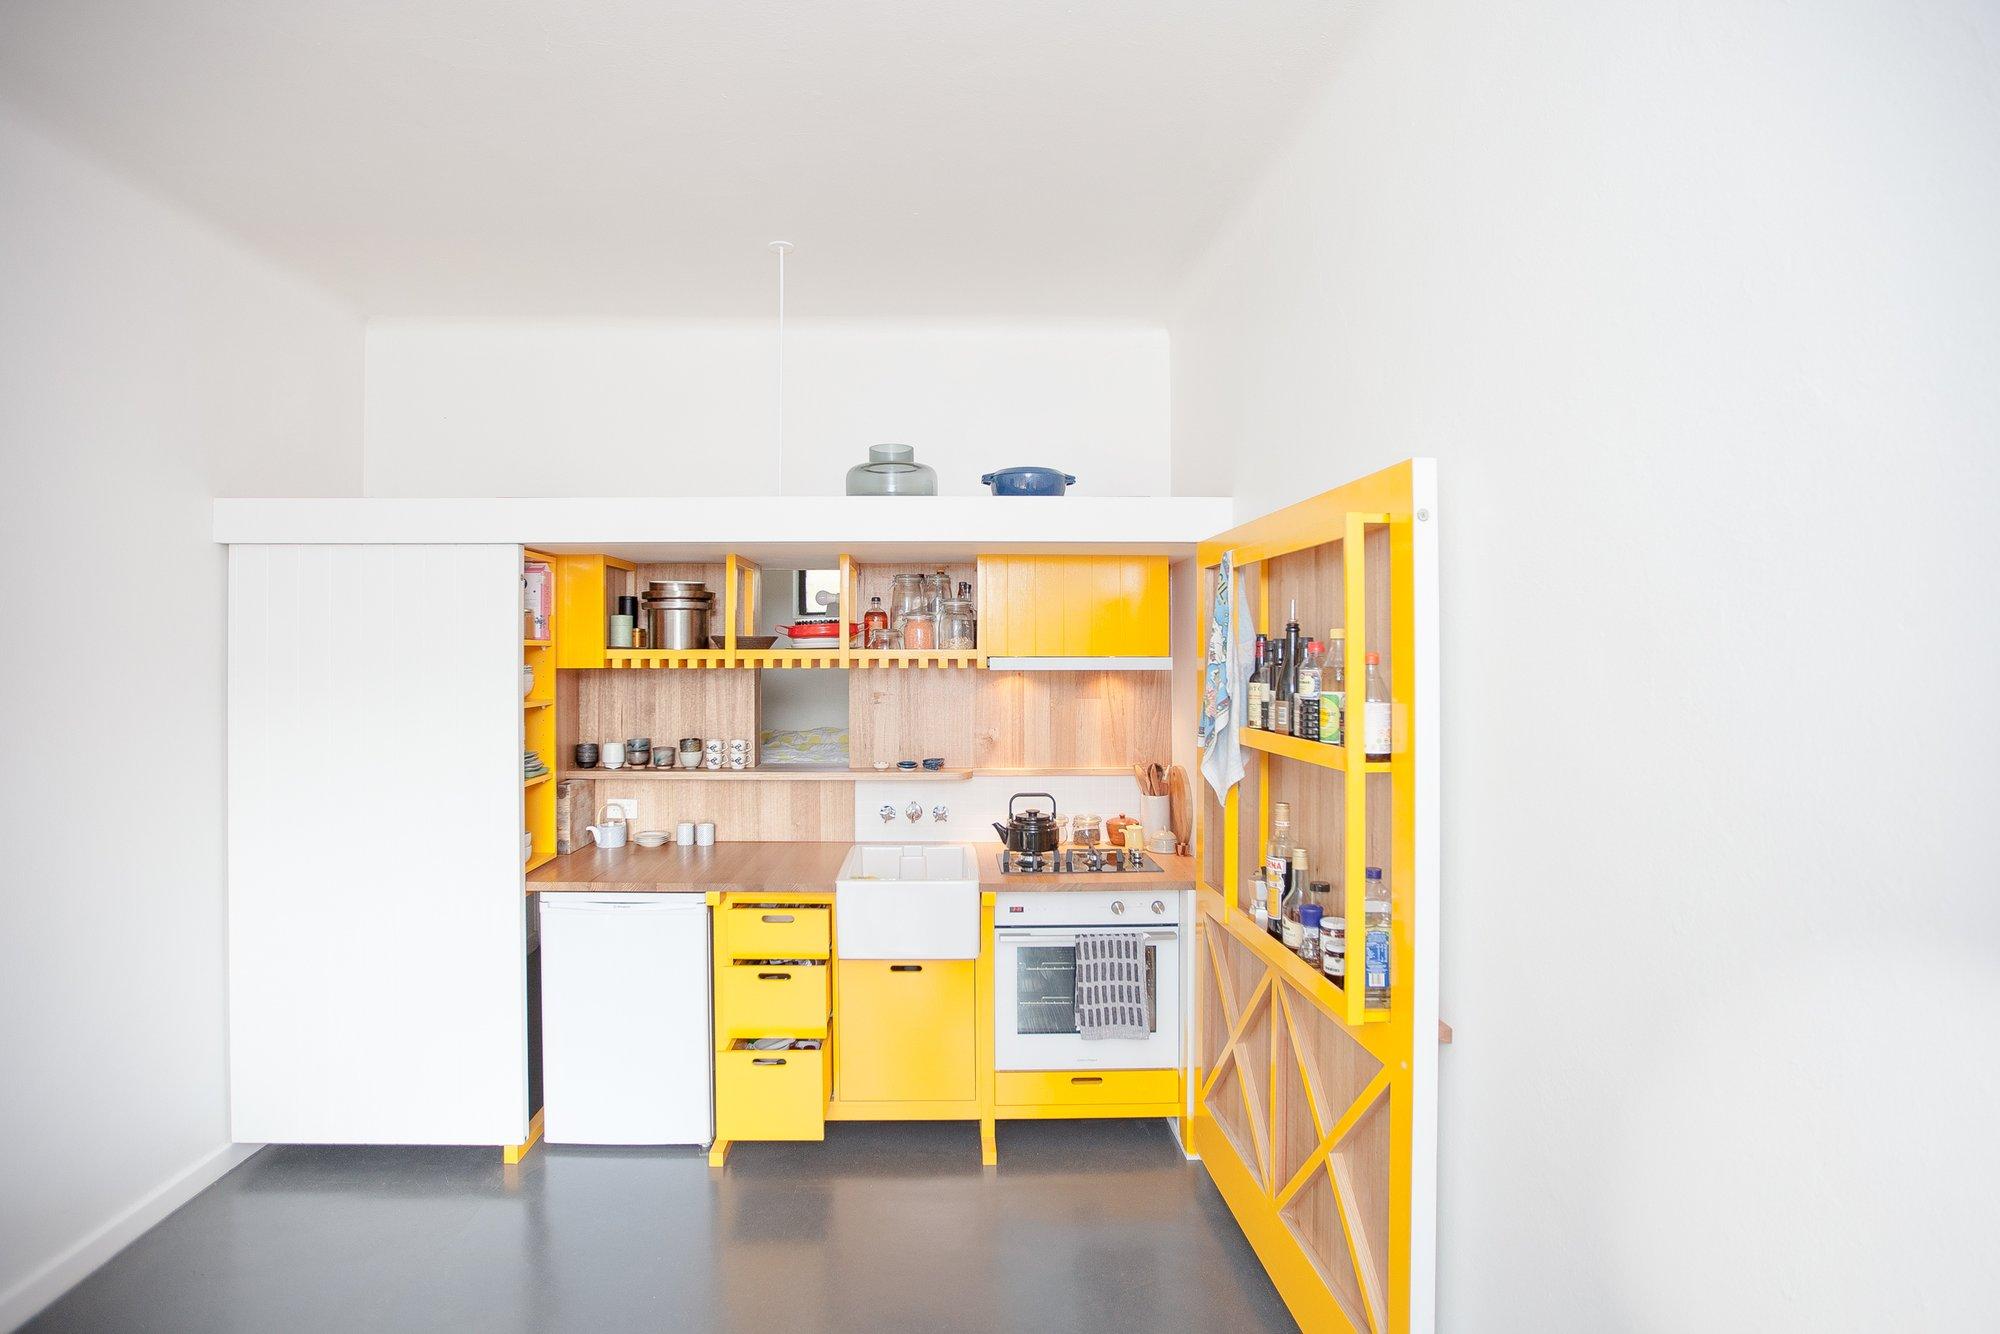 KitchenLivingDE_gestalten_book_wohnliche_kuchen_design_interior_mood2_1e823355-f861-43d3-ab46-76f4f36aeb94_2000x.jpg